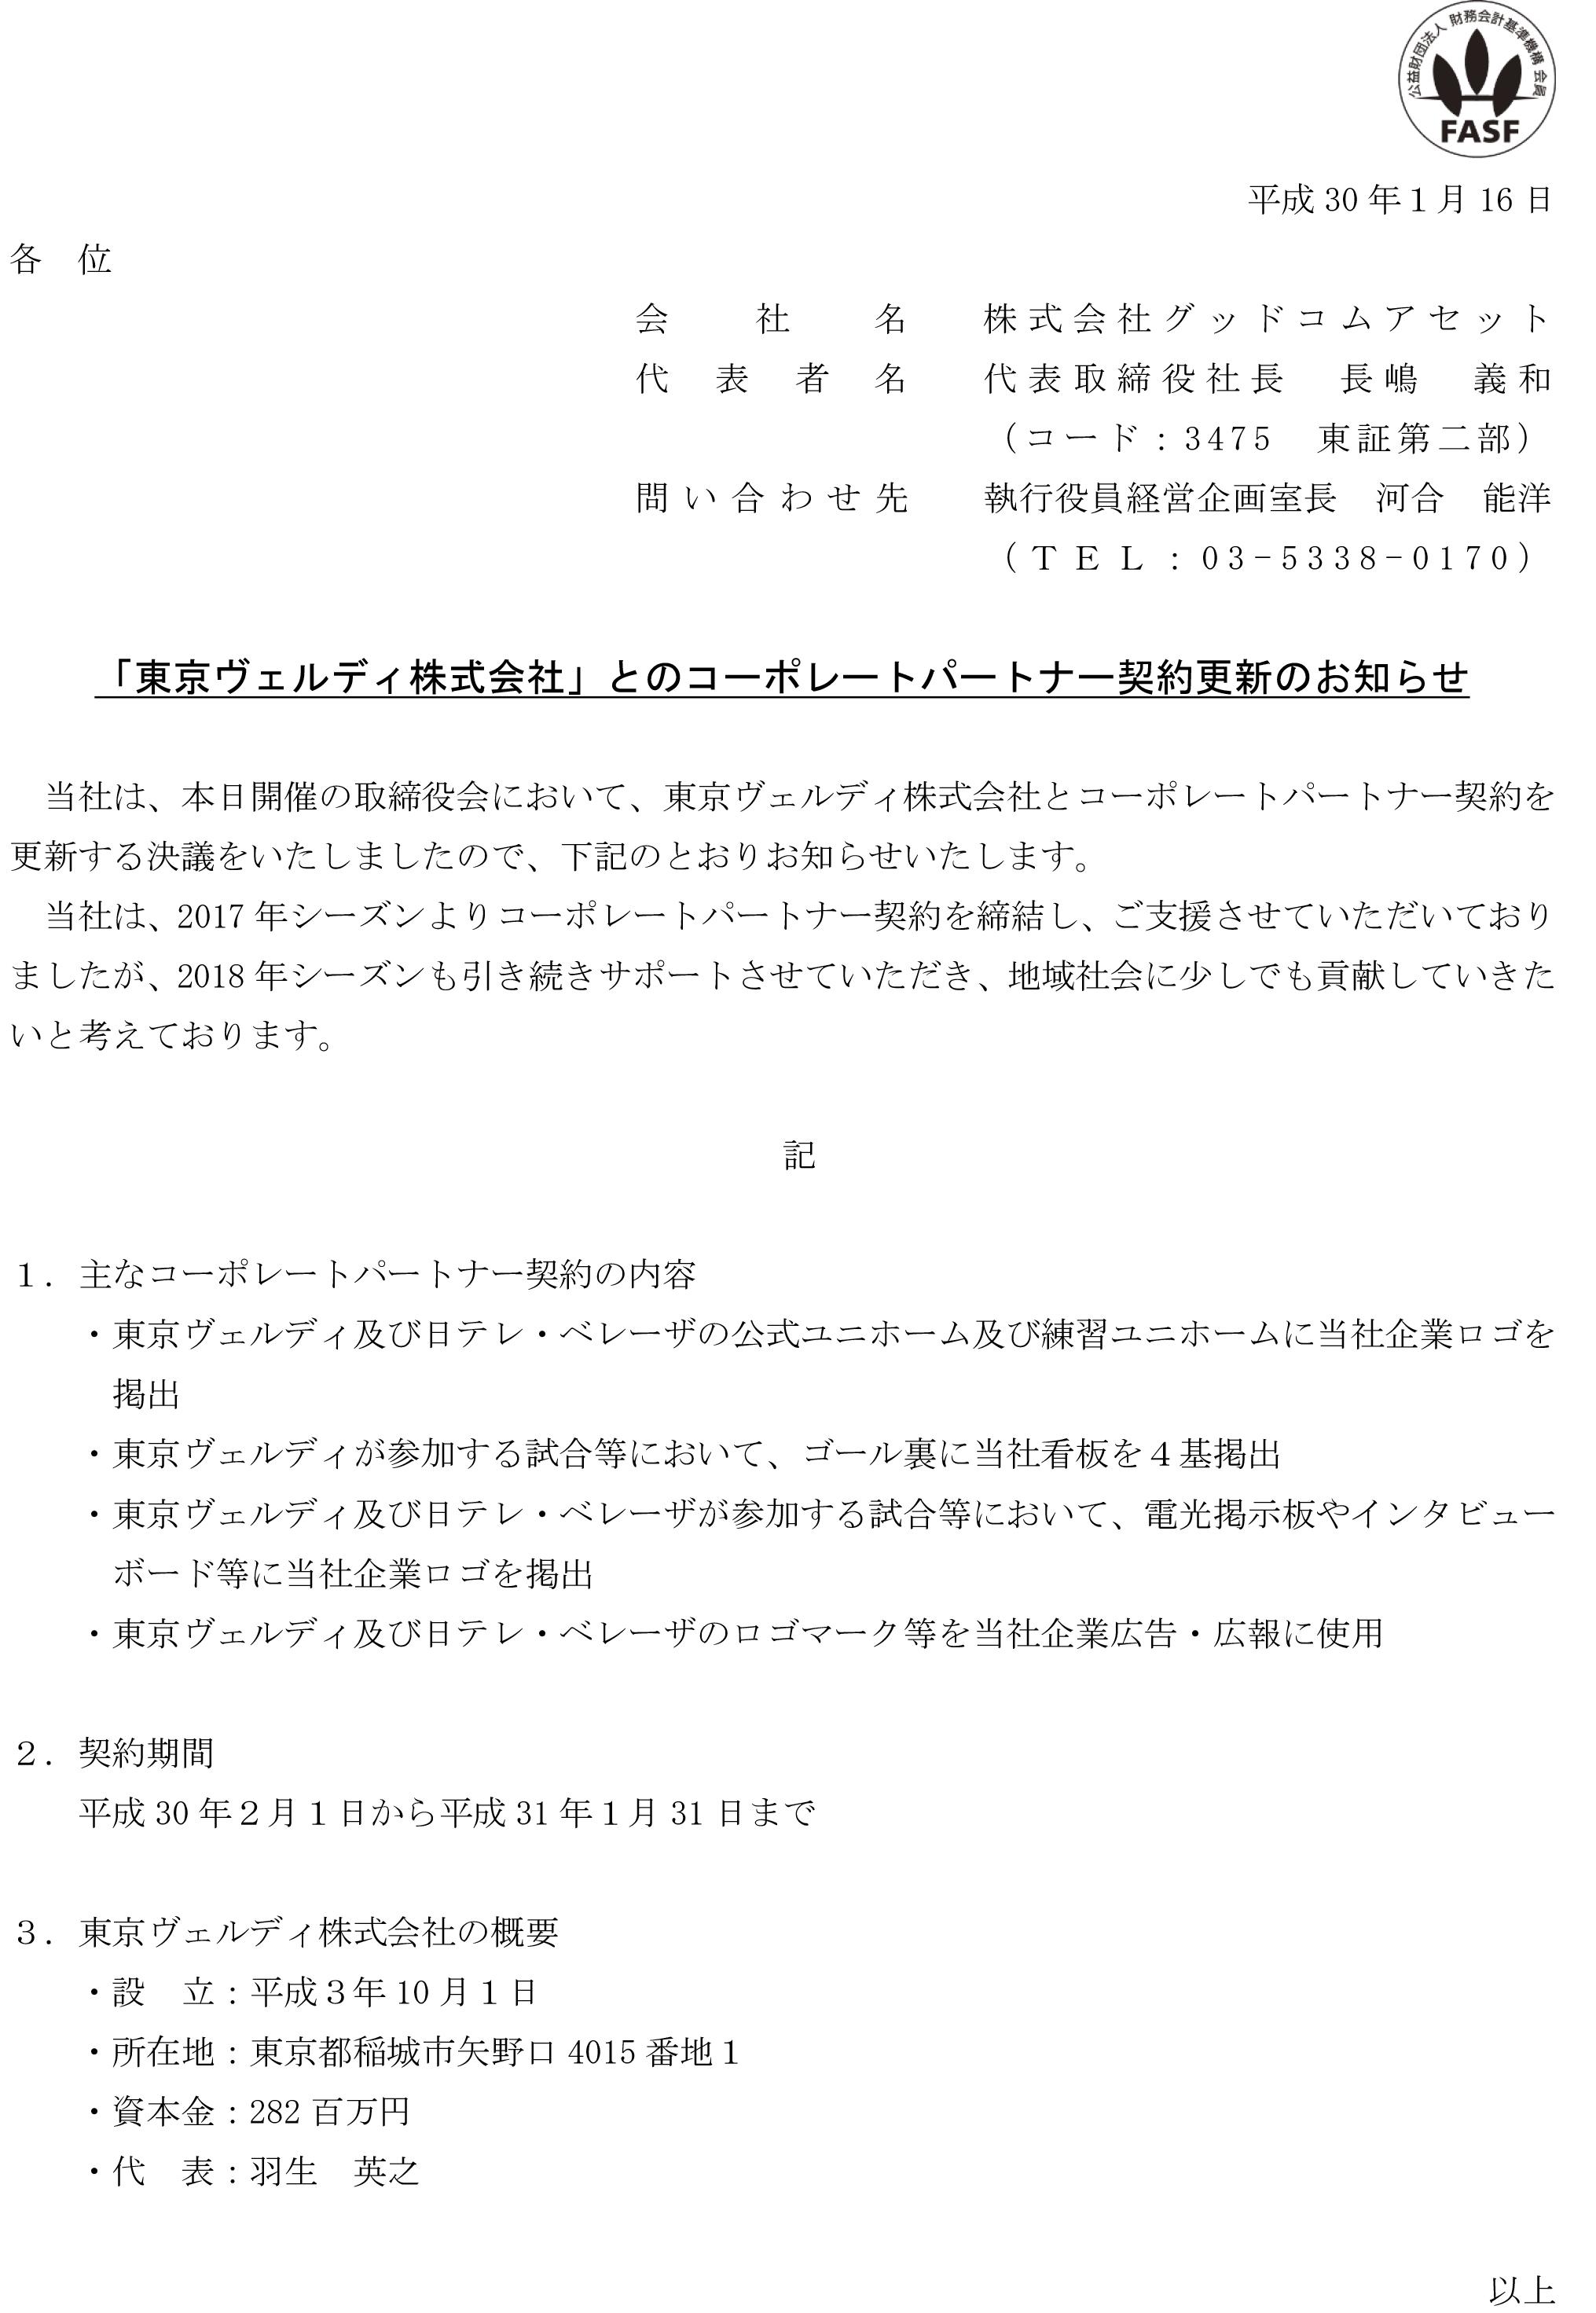 「東京ヴェルディ株式会社」とのコーポレートパートナー契約更新のお知らせ